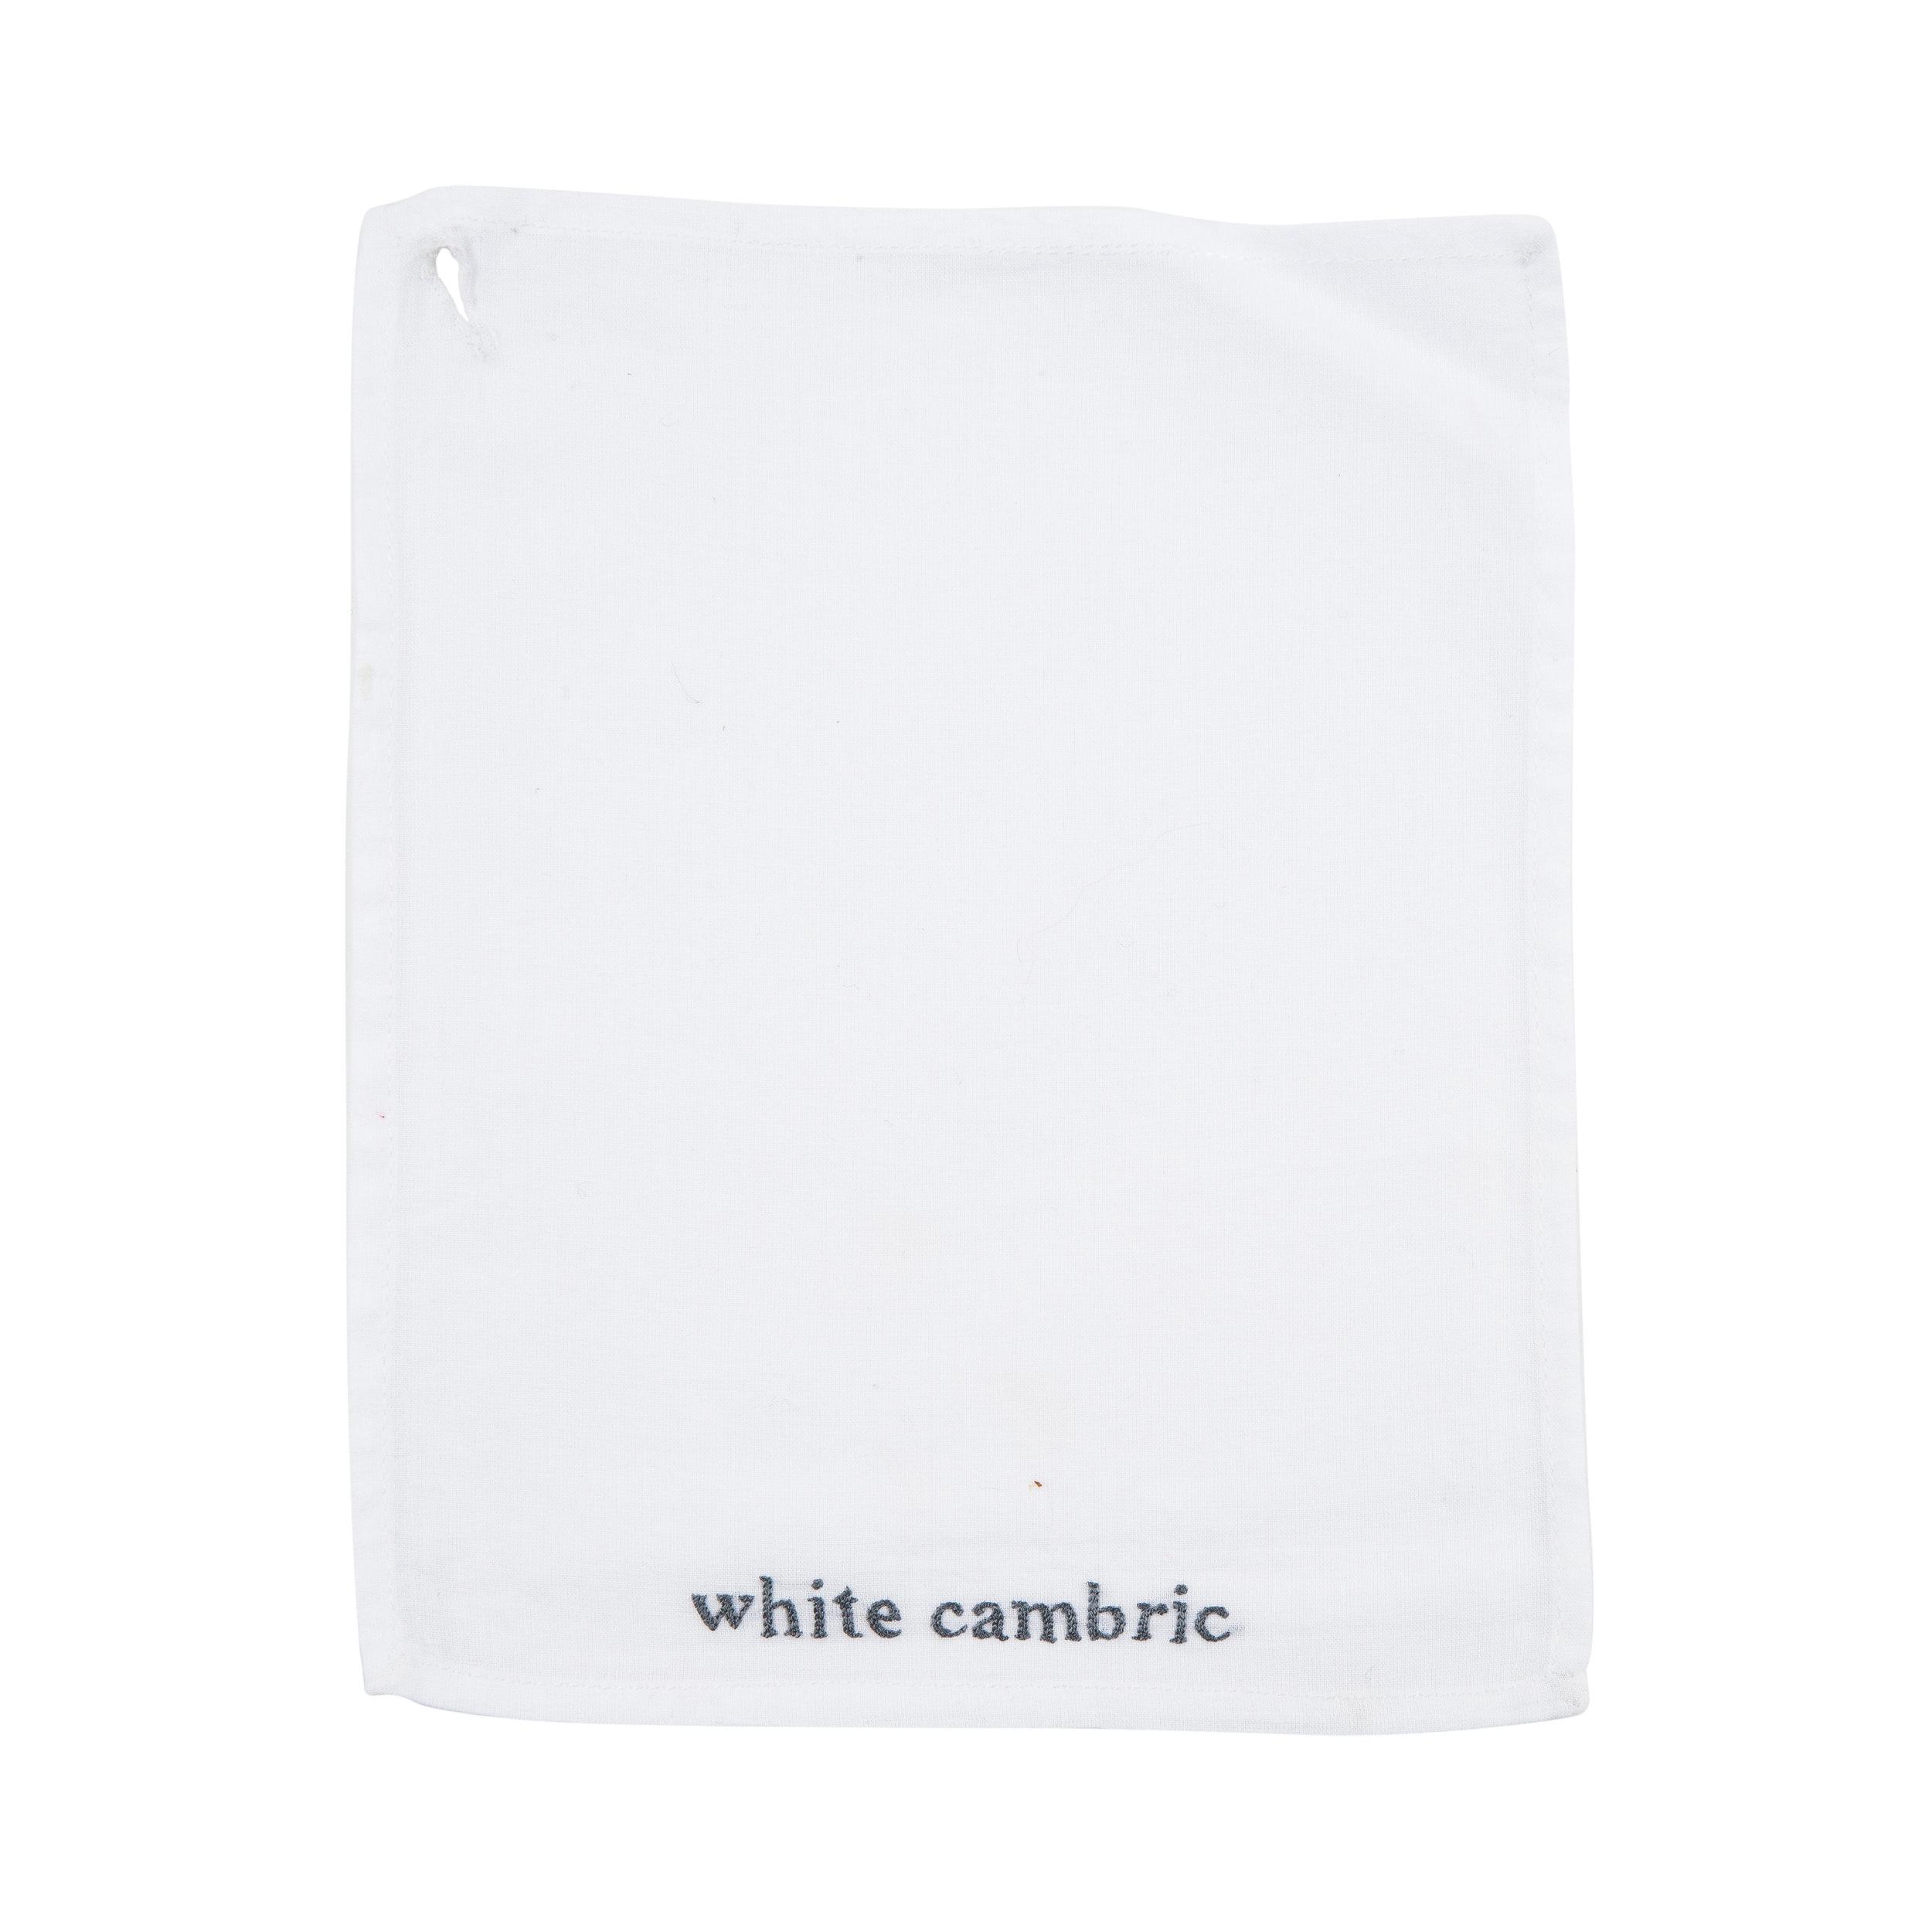 WHITE CAMBRIC